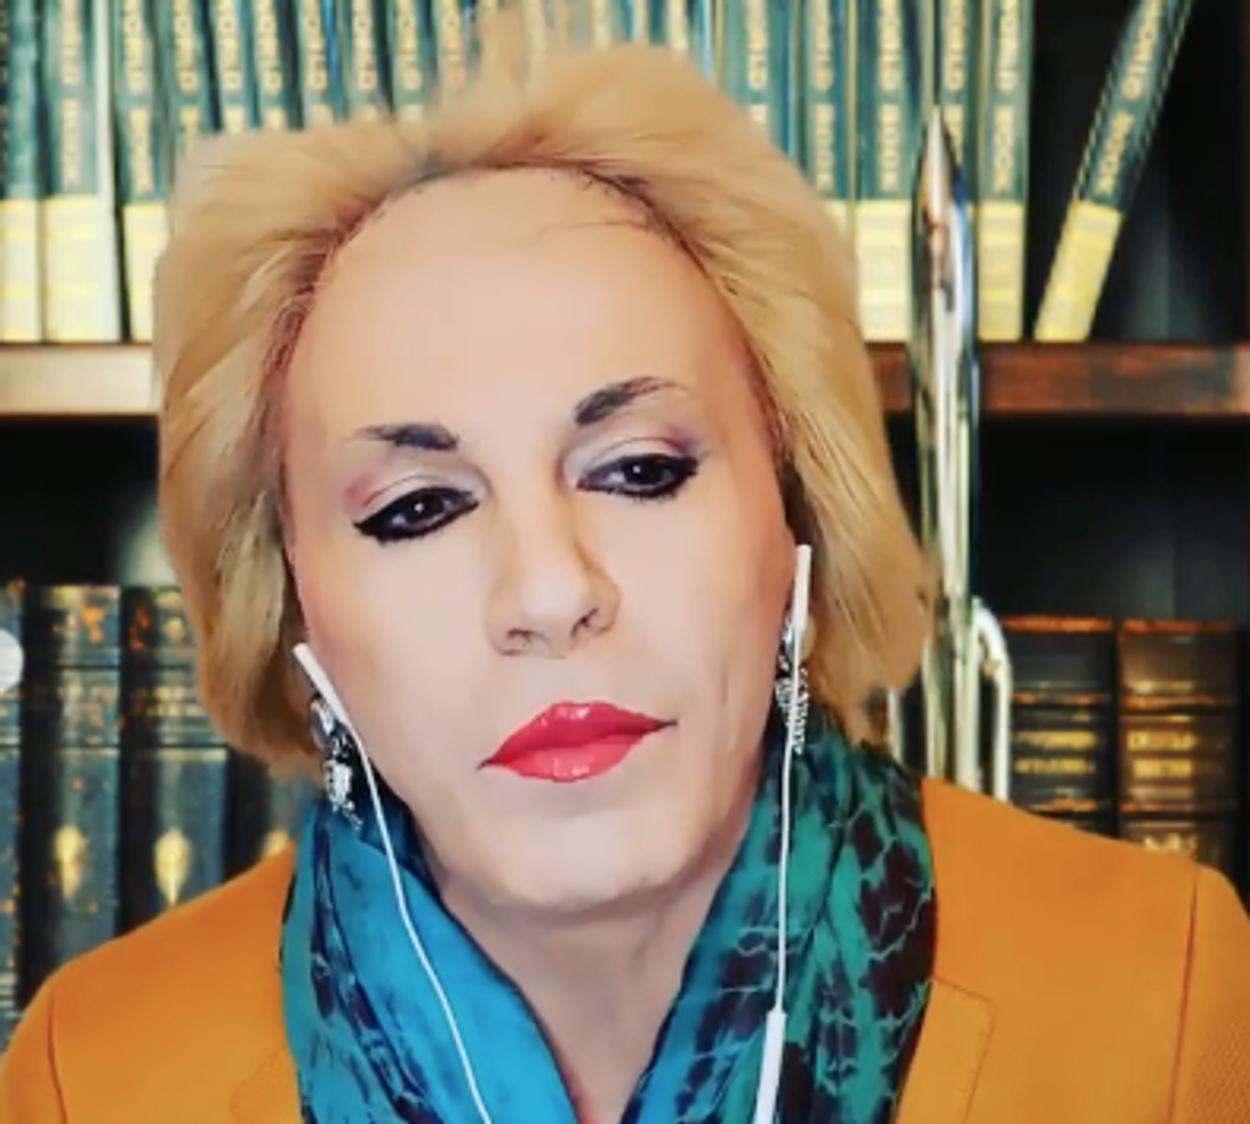 Ούτε η Ματίνα Παγώνη γλίτωσε από τον Τάκη Ζαχαράτο (video)